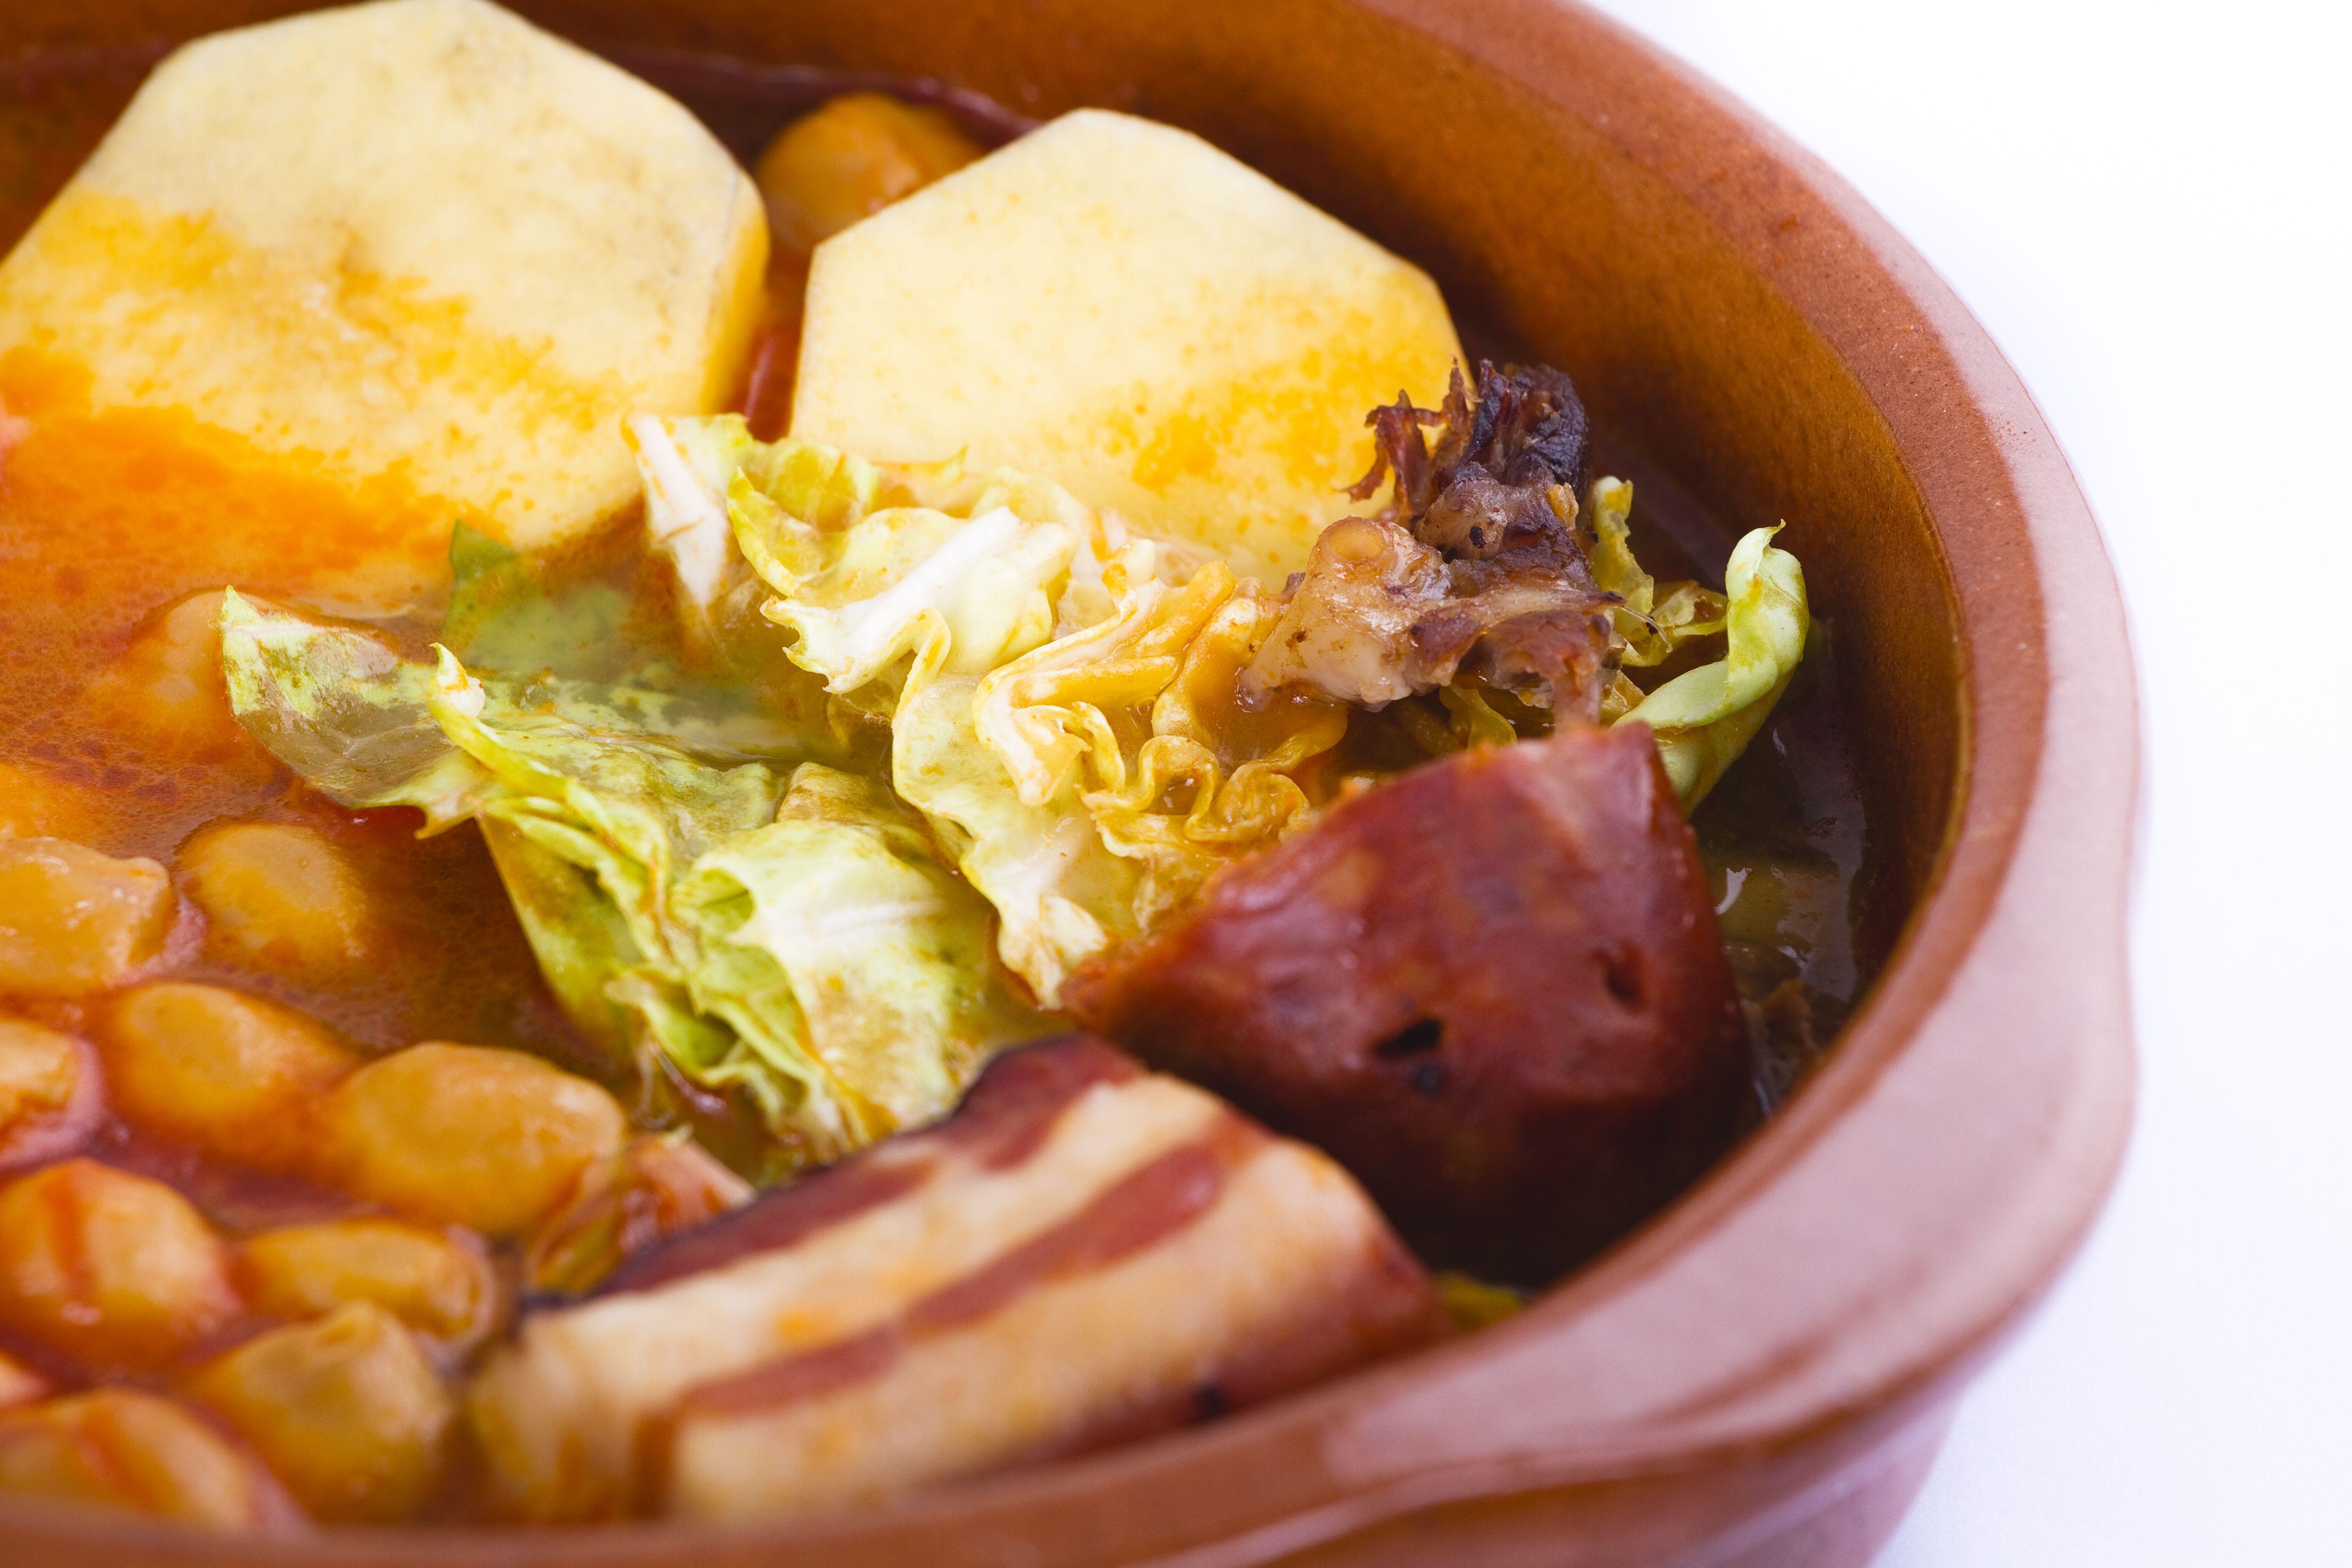 Cocina tradicional extremeña en Garganta la Olla